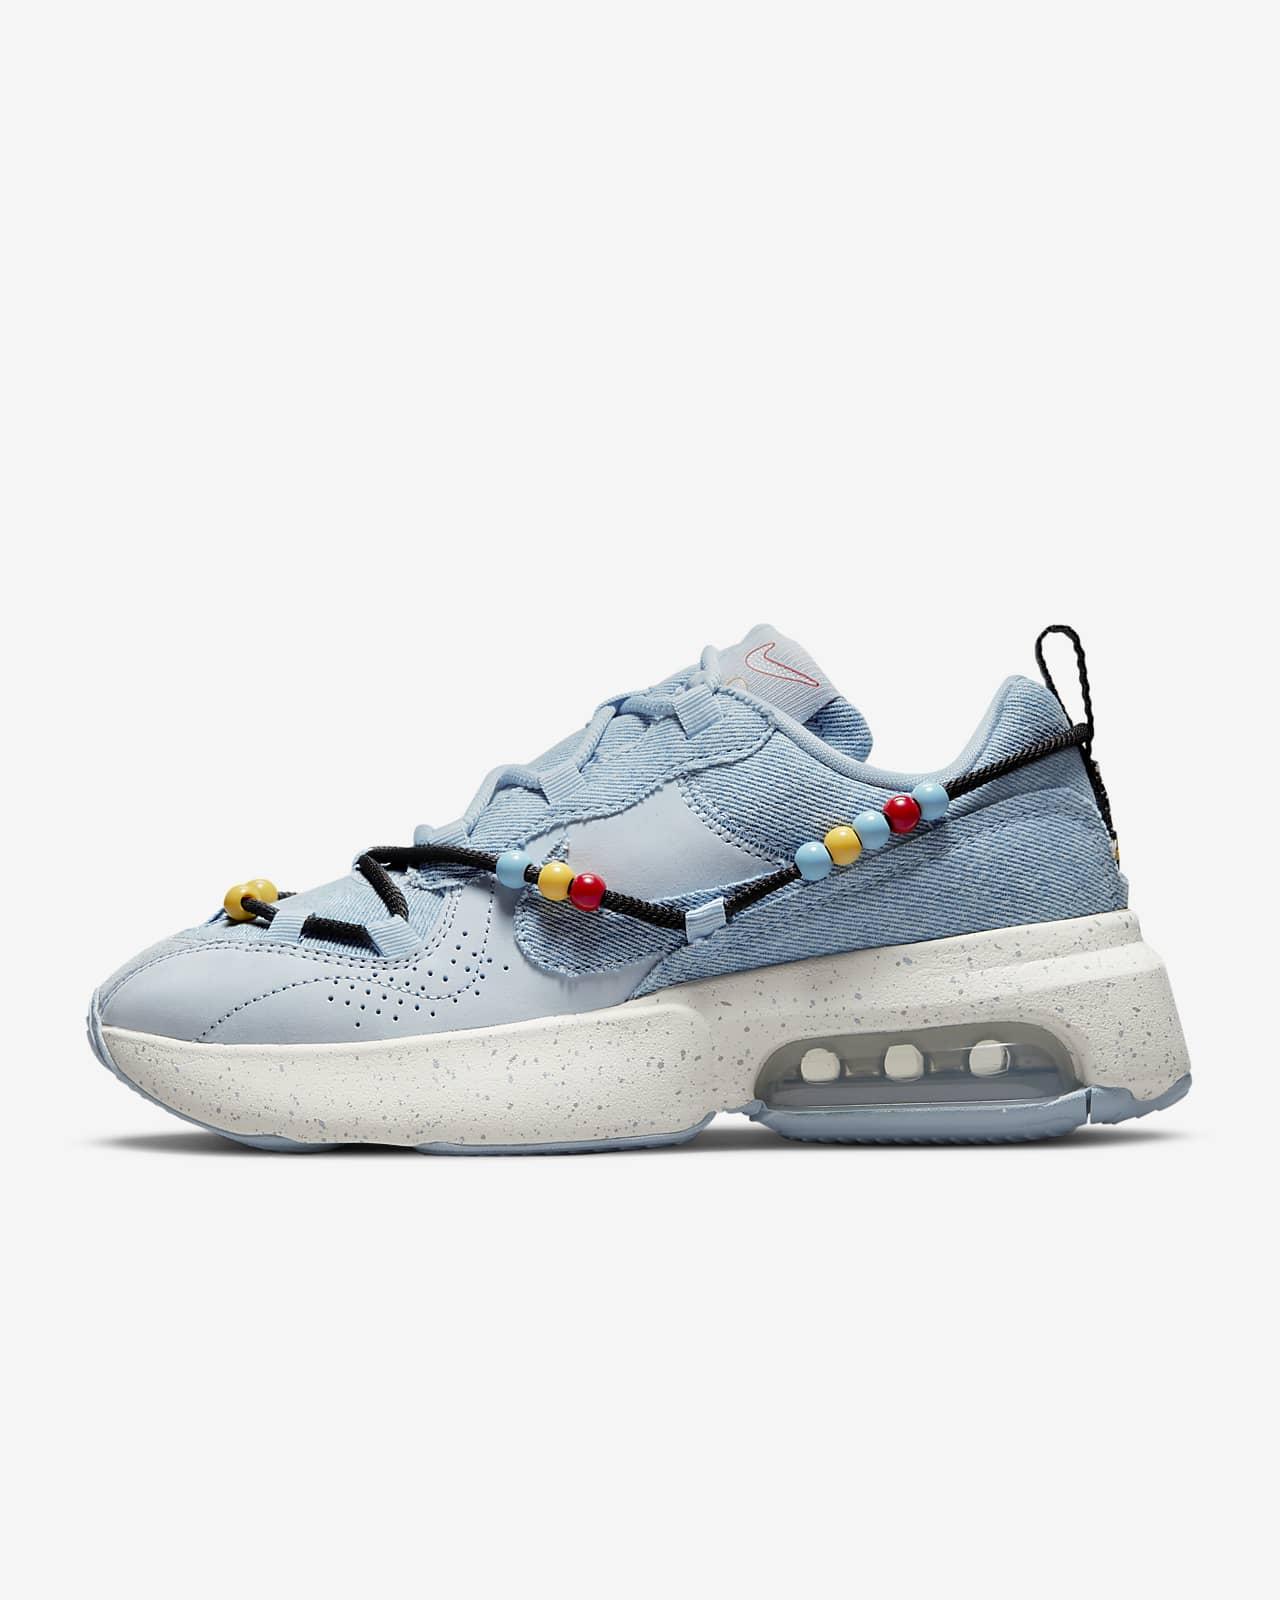 รองเท้าผู้หญิง Nike Air Max Viva